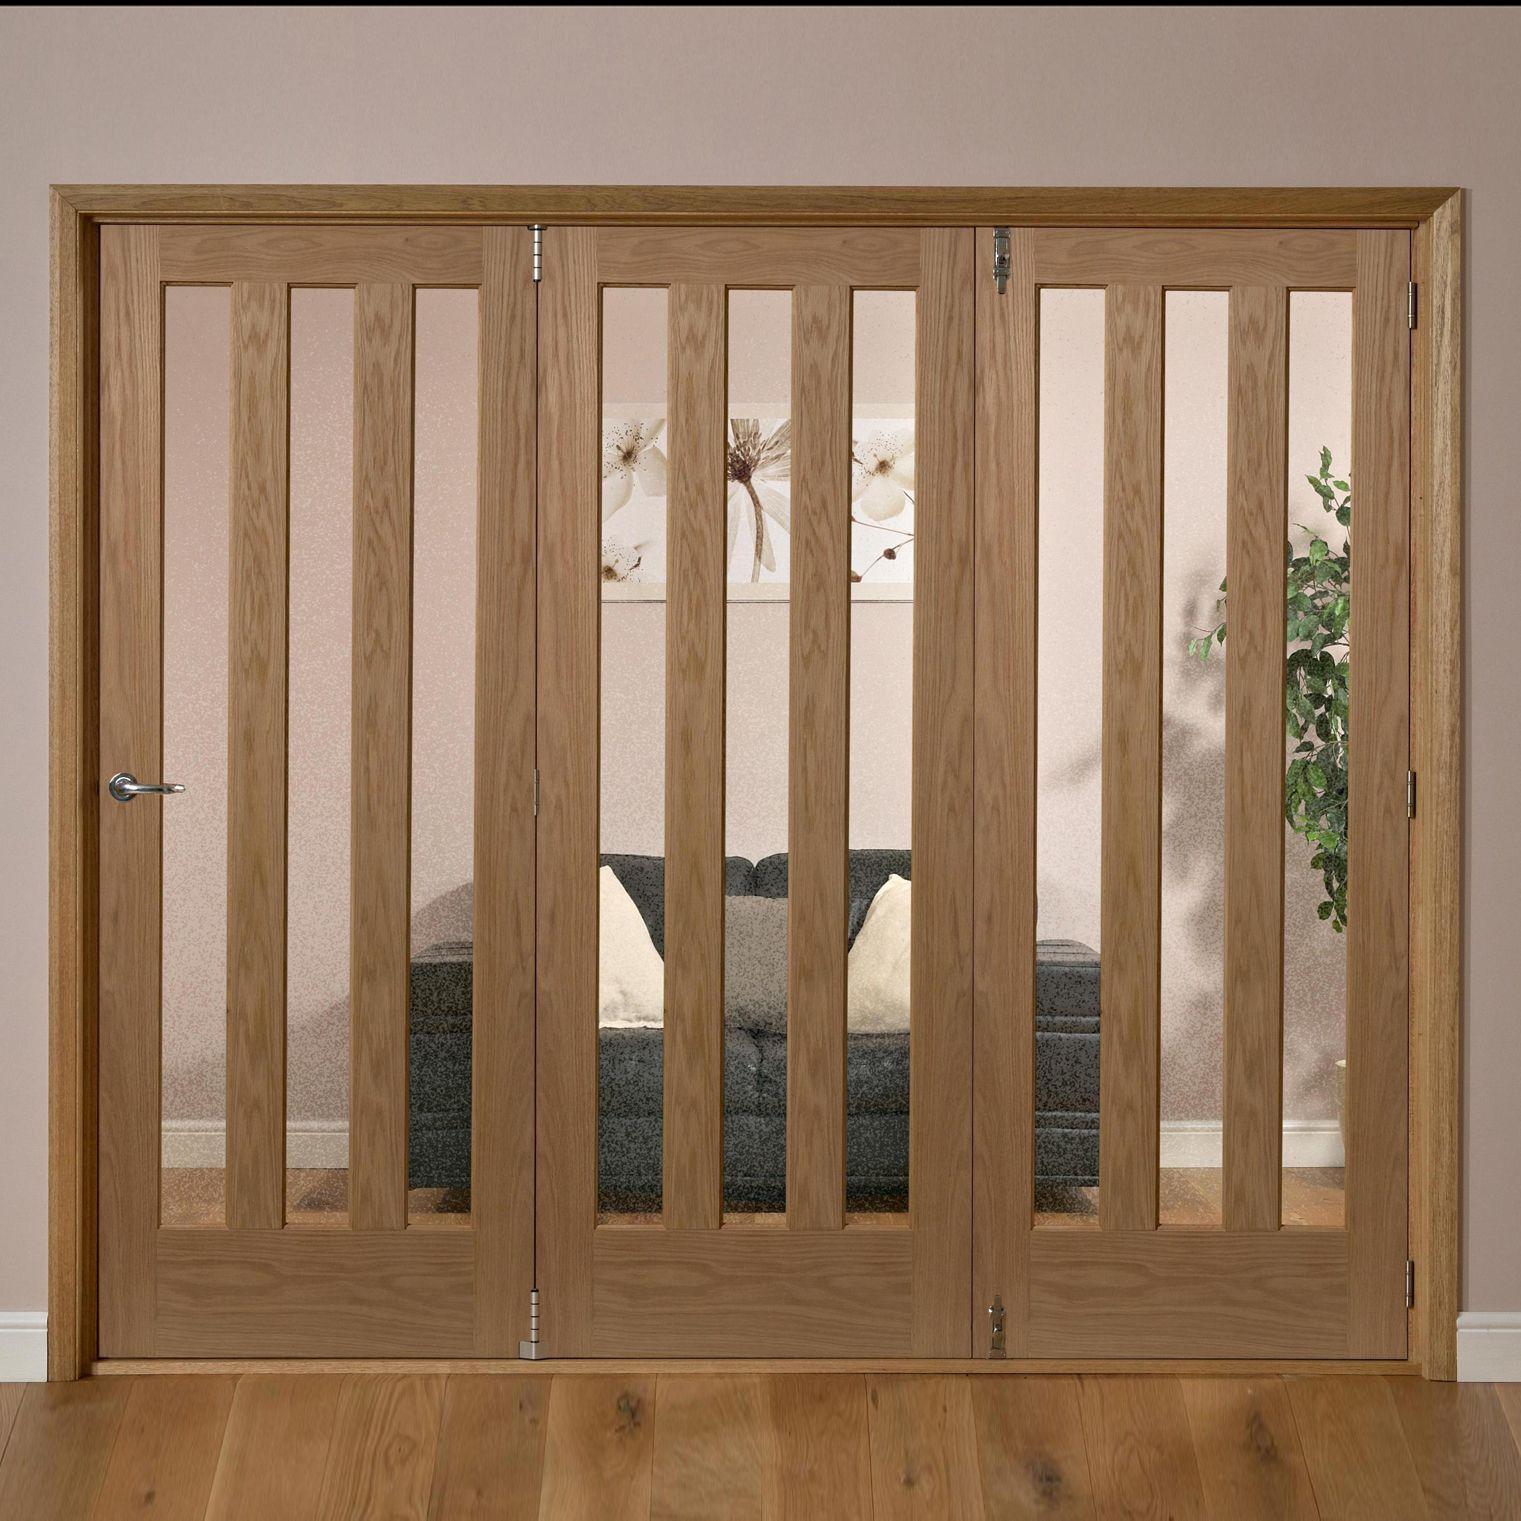 Saxton Vertical 3 Lite Oak Veneer Glazed Internal Folding Door Rh, (h)2035mm (w)2374mm